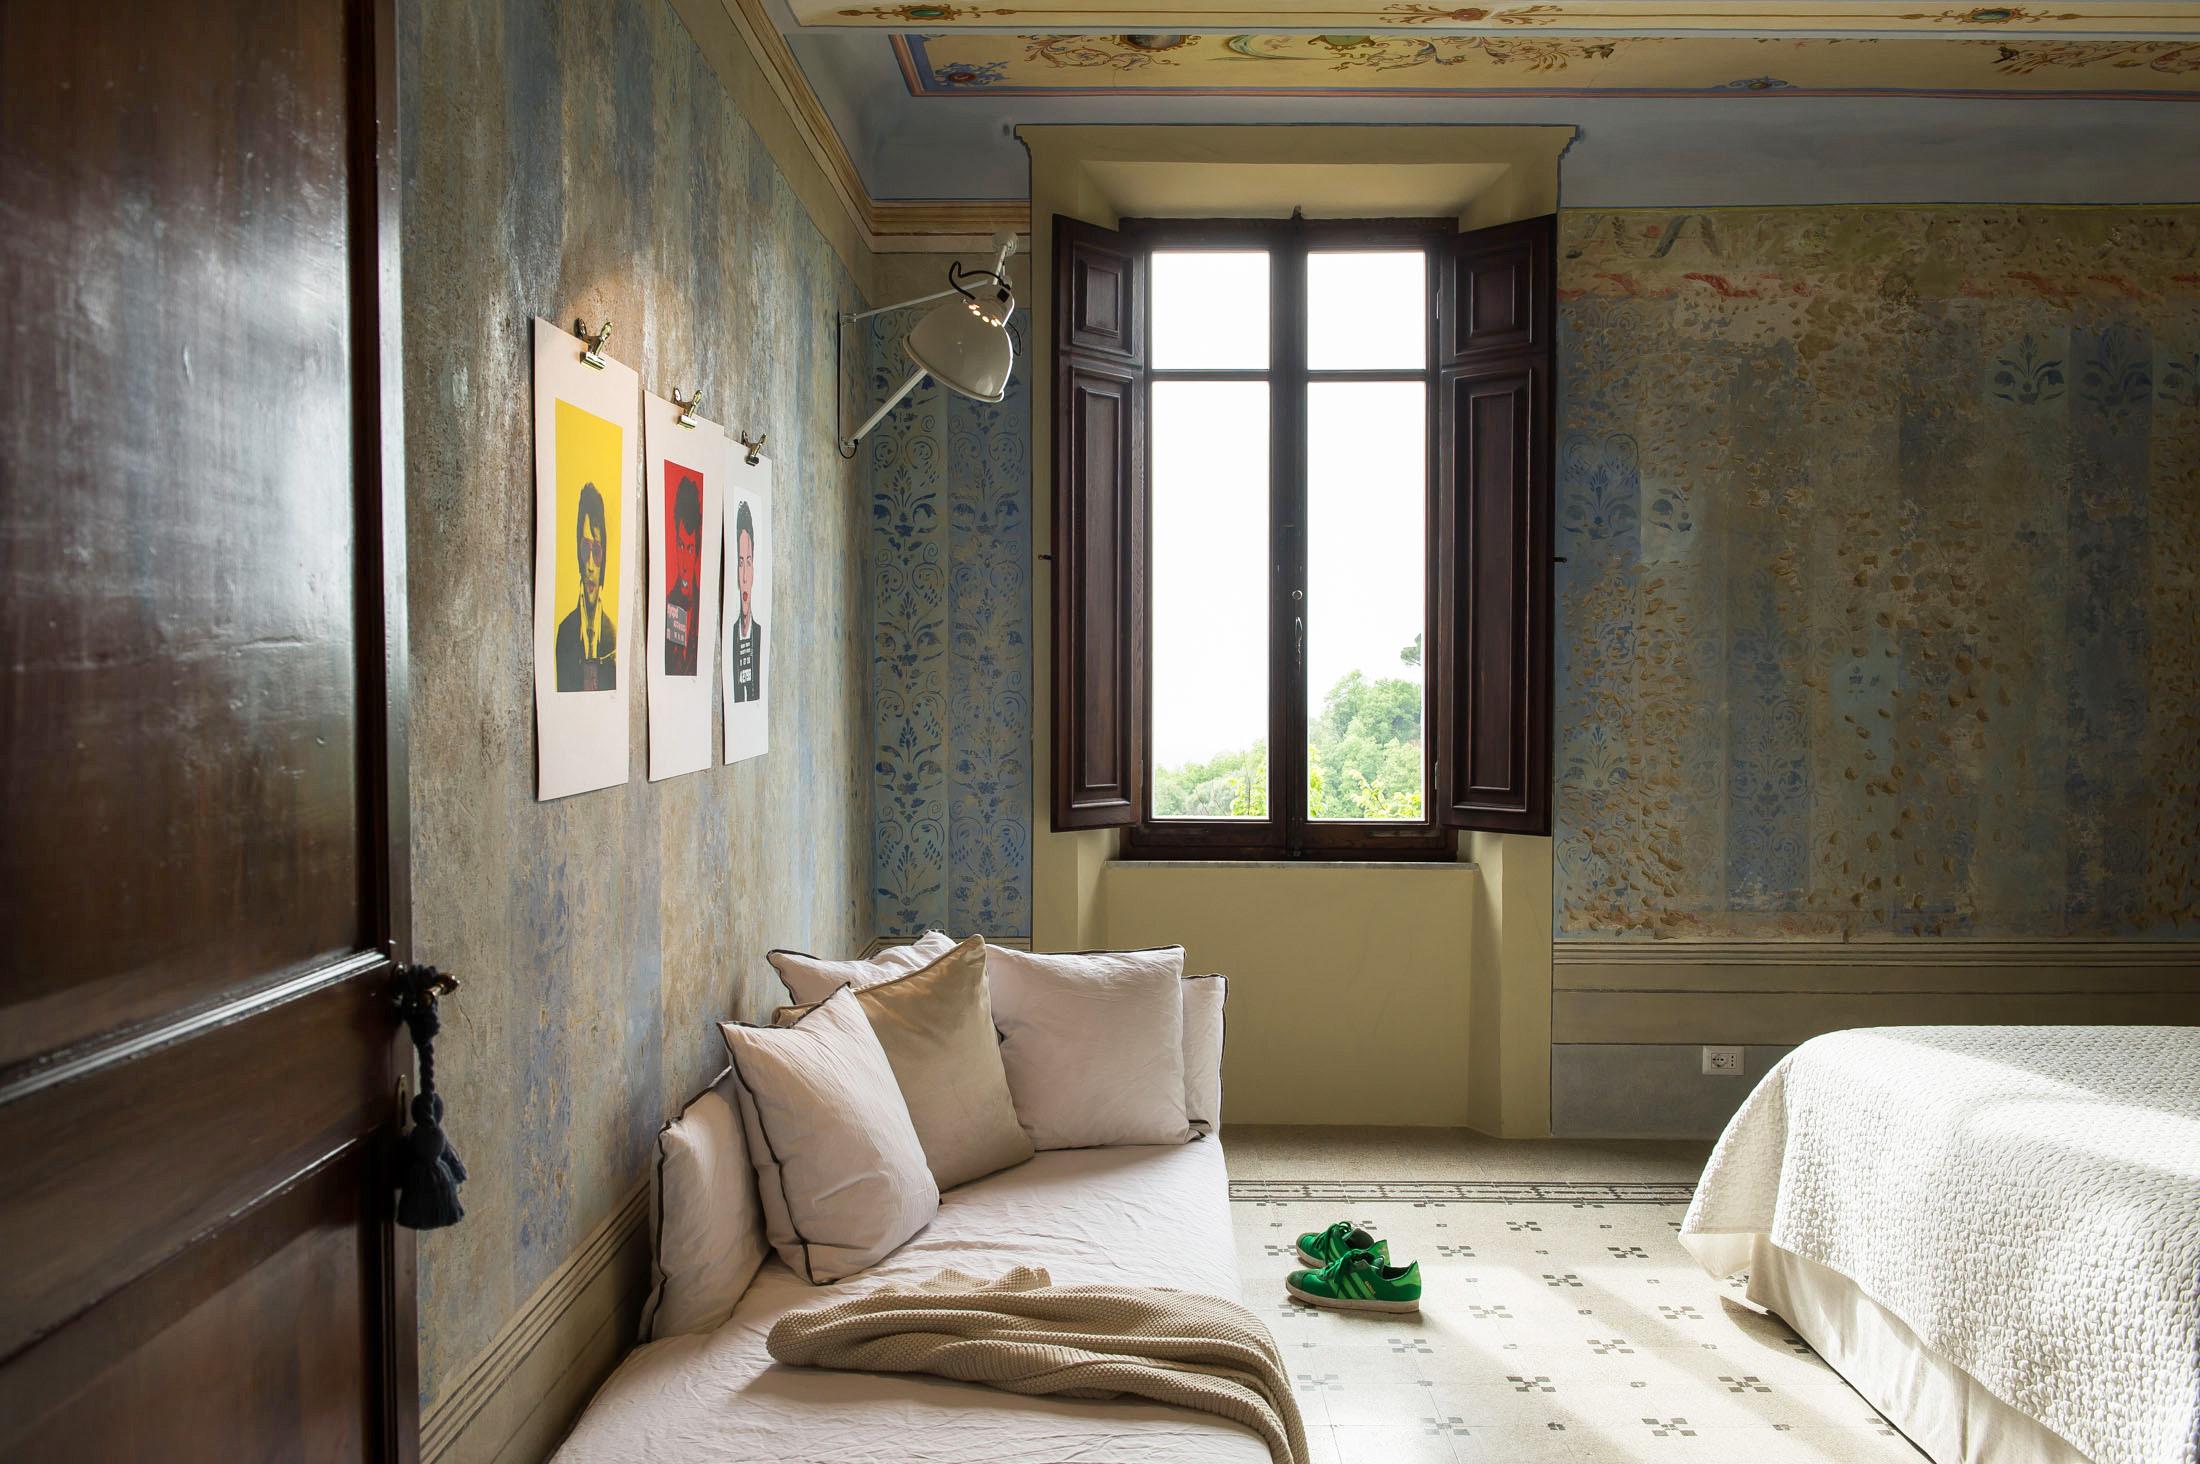 MAZZINI 31 BEDROOM 3 A